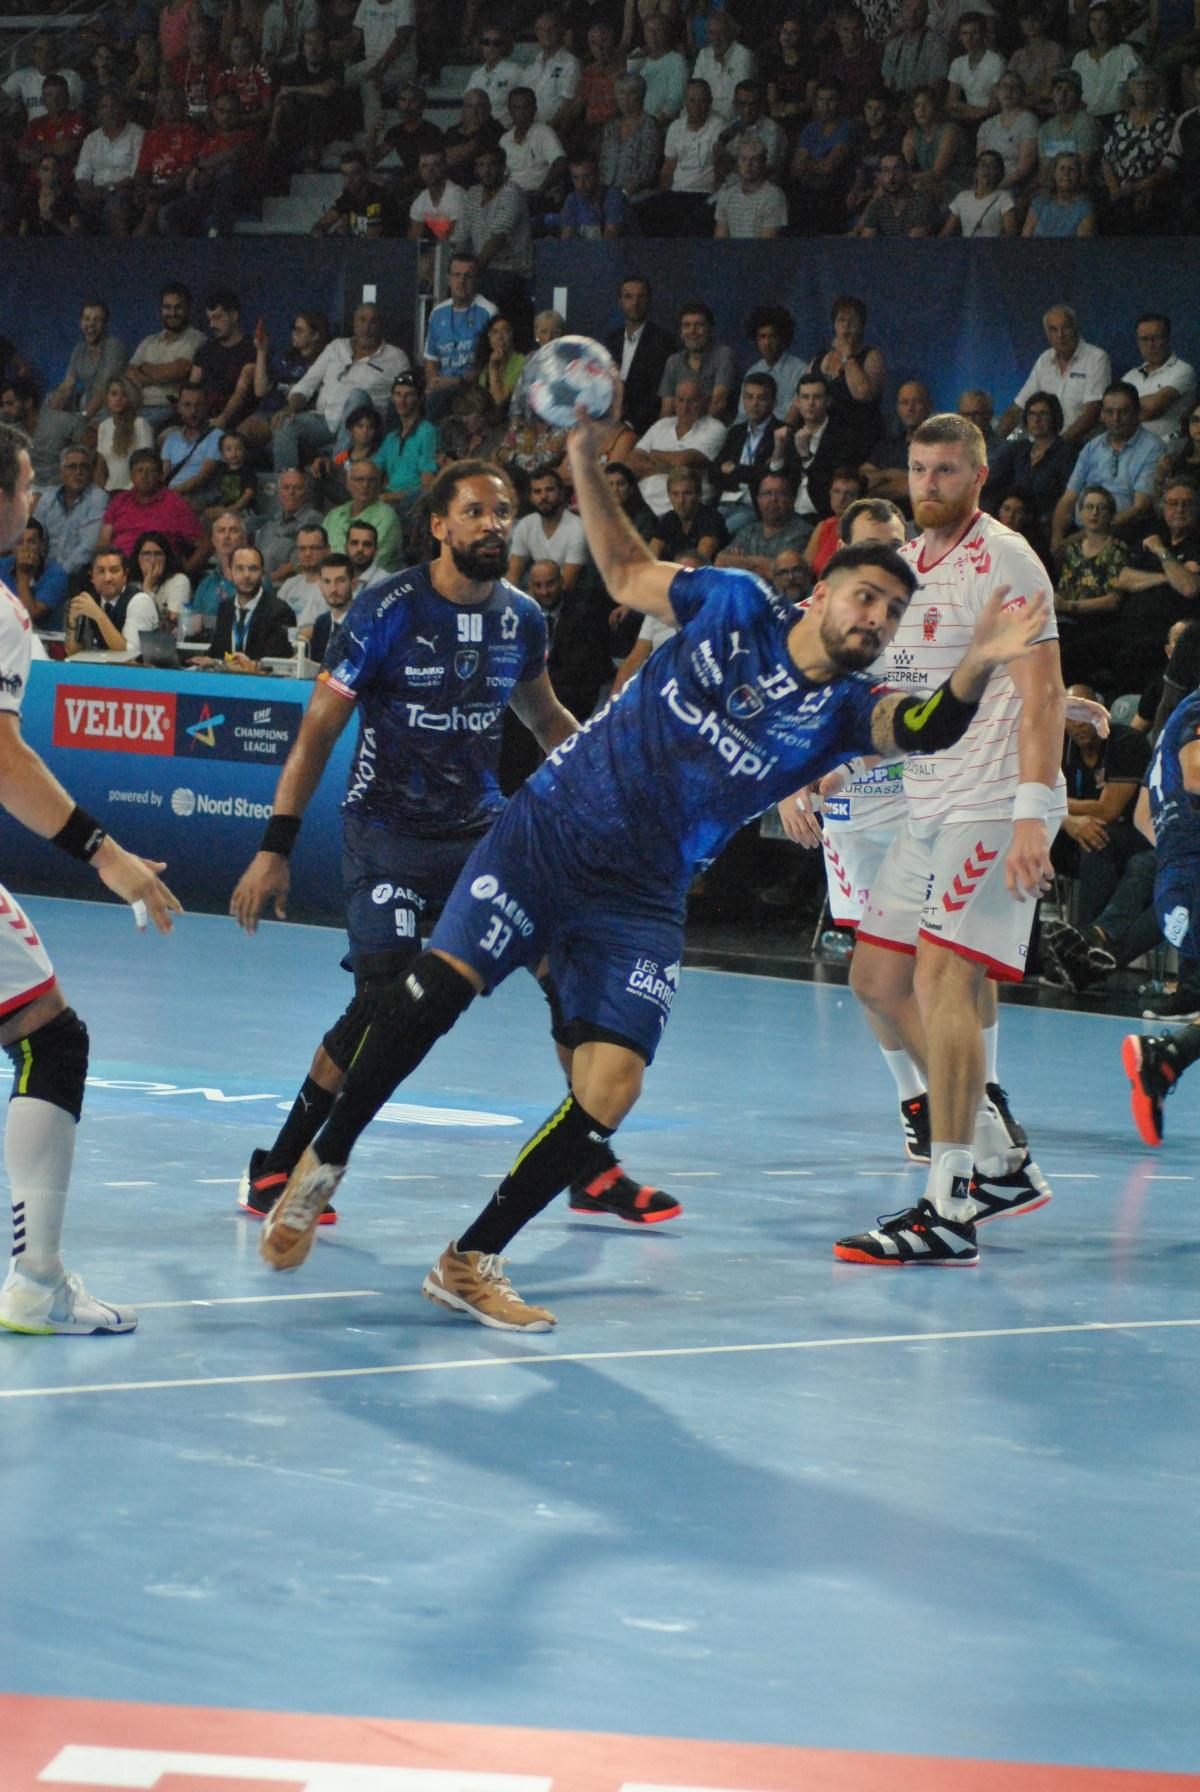 retour en images : Match MHB-Veszprem